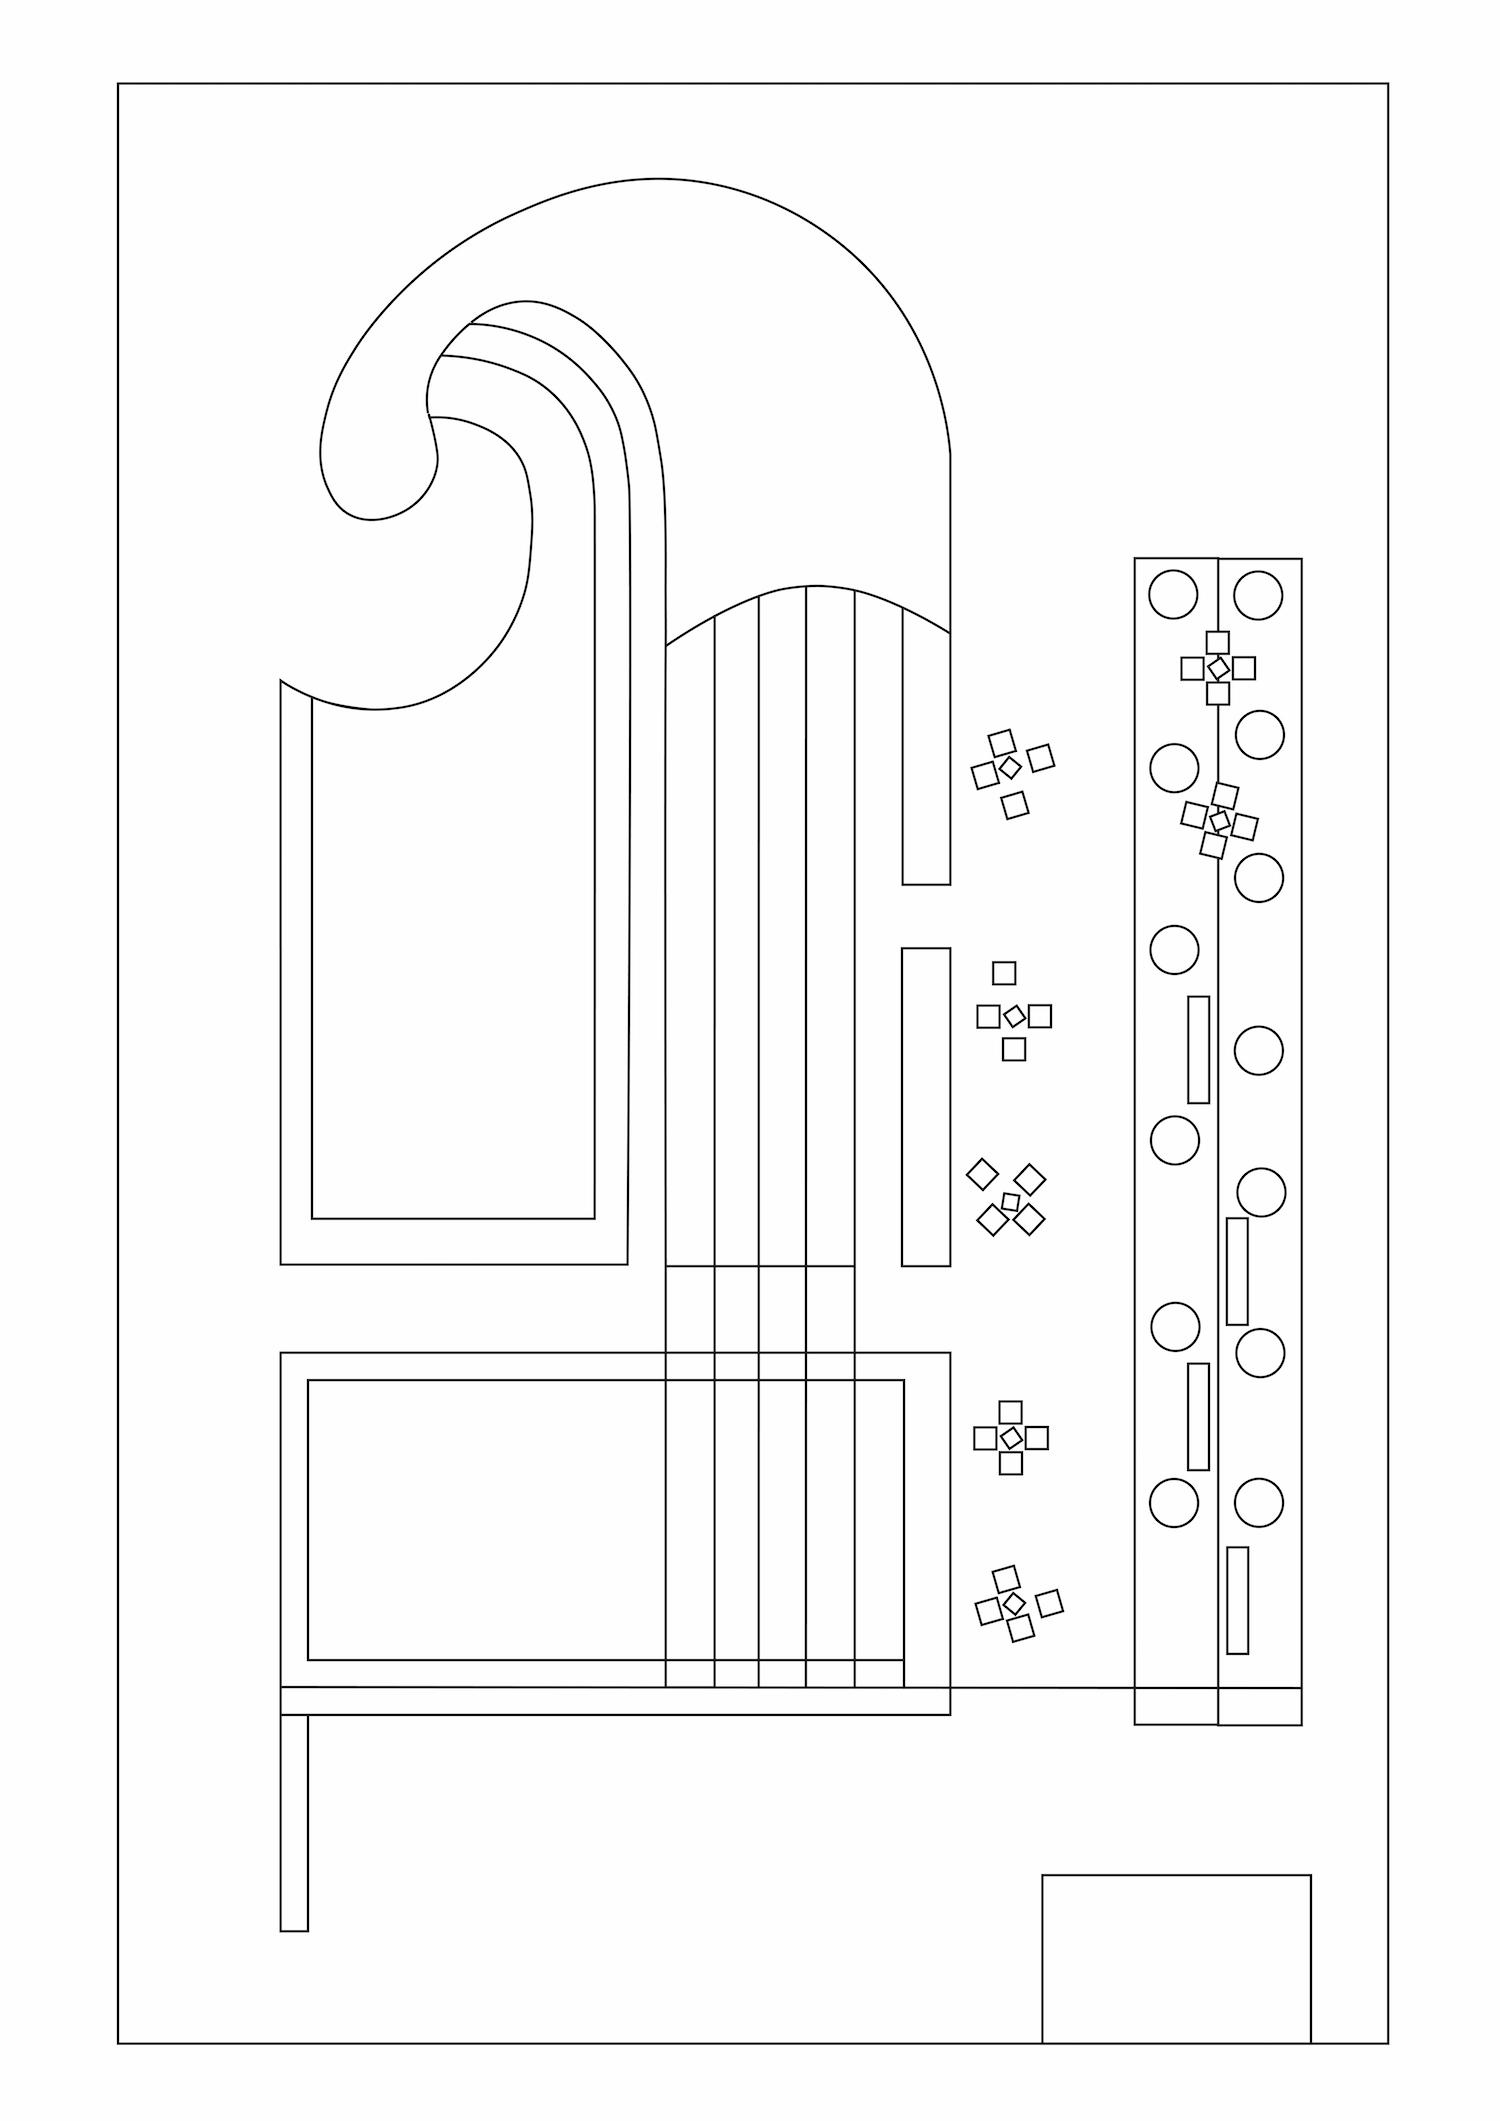 8_Zeichenfläche 1.jpg